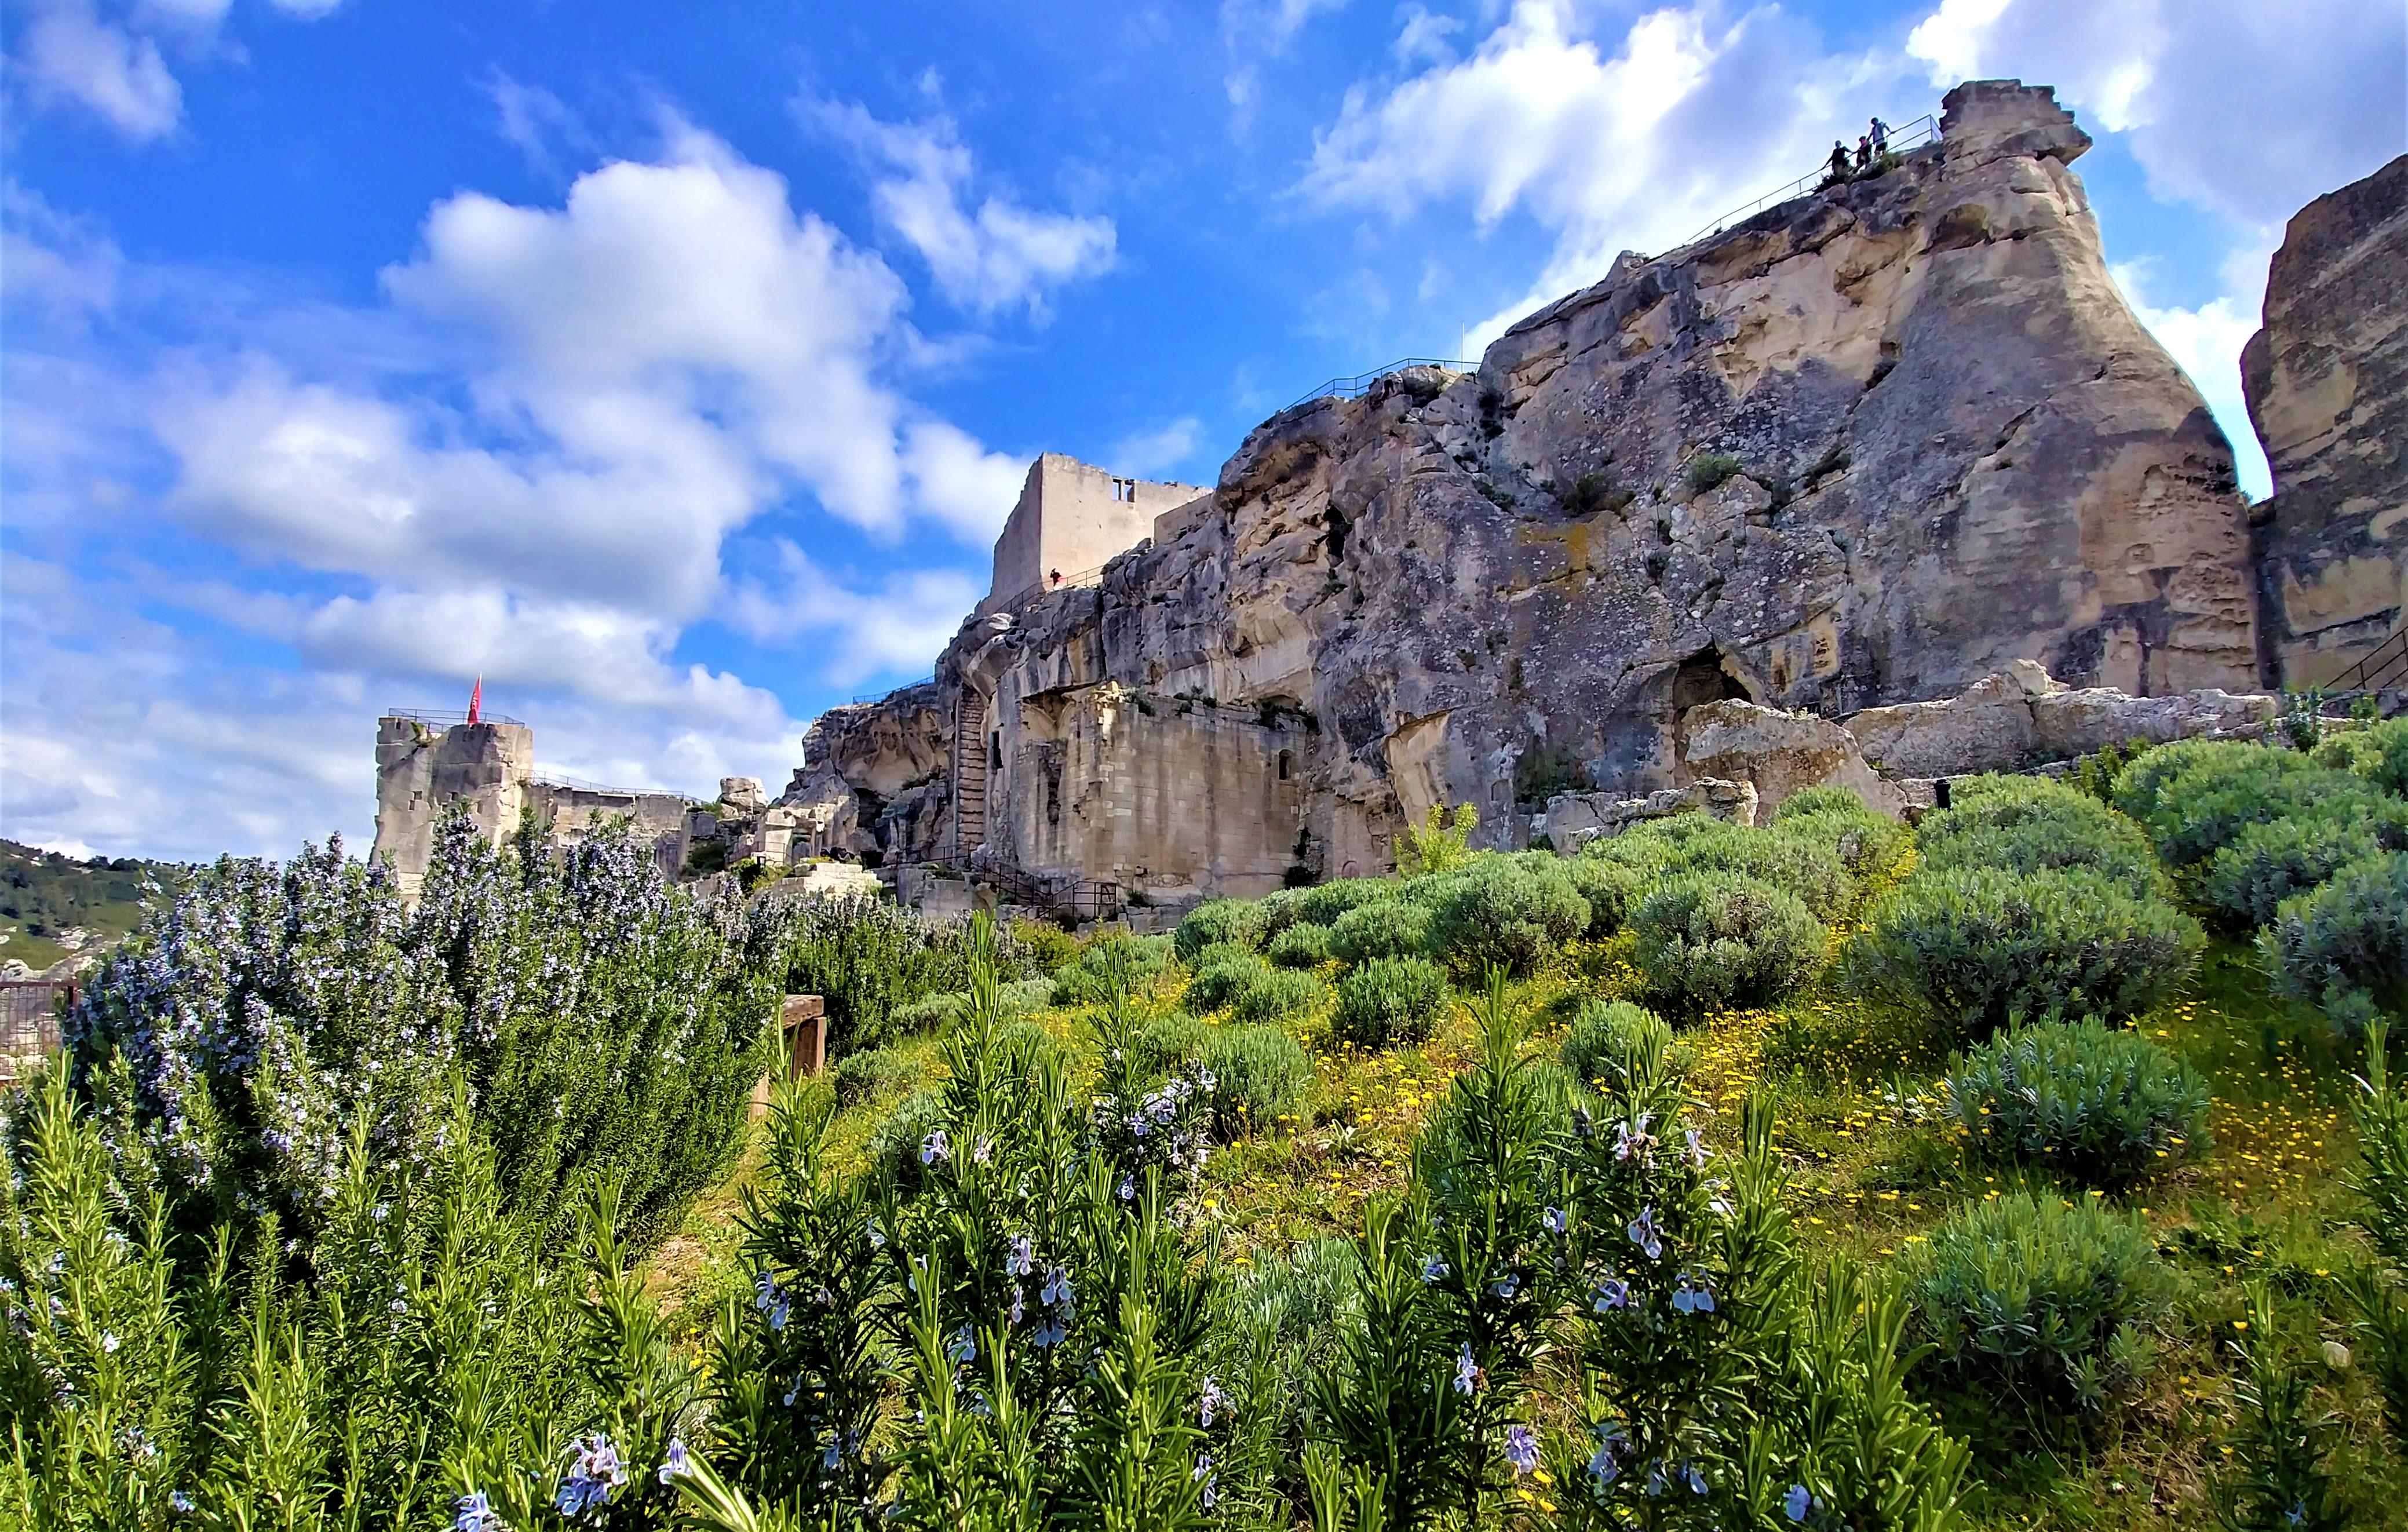 Baux de provence visiter chateau village medival printemps blog voyage france arpenter le chemin